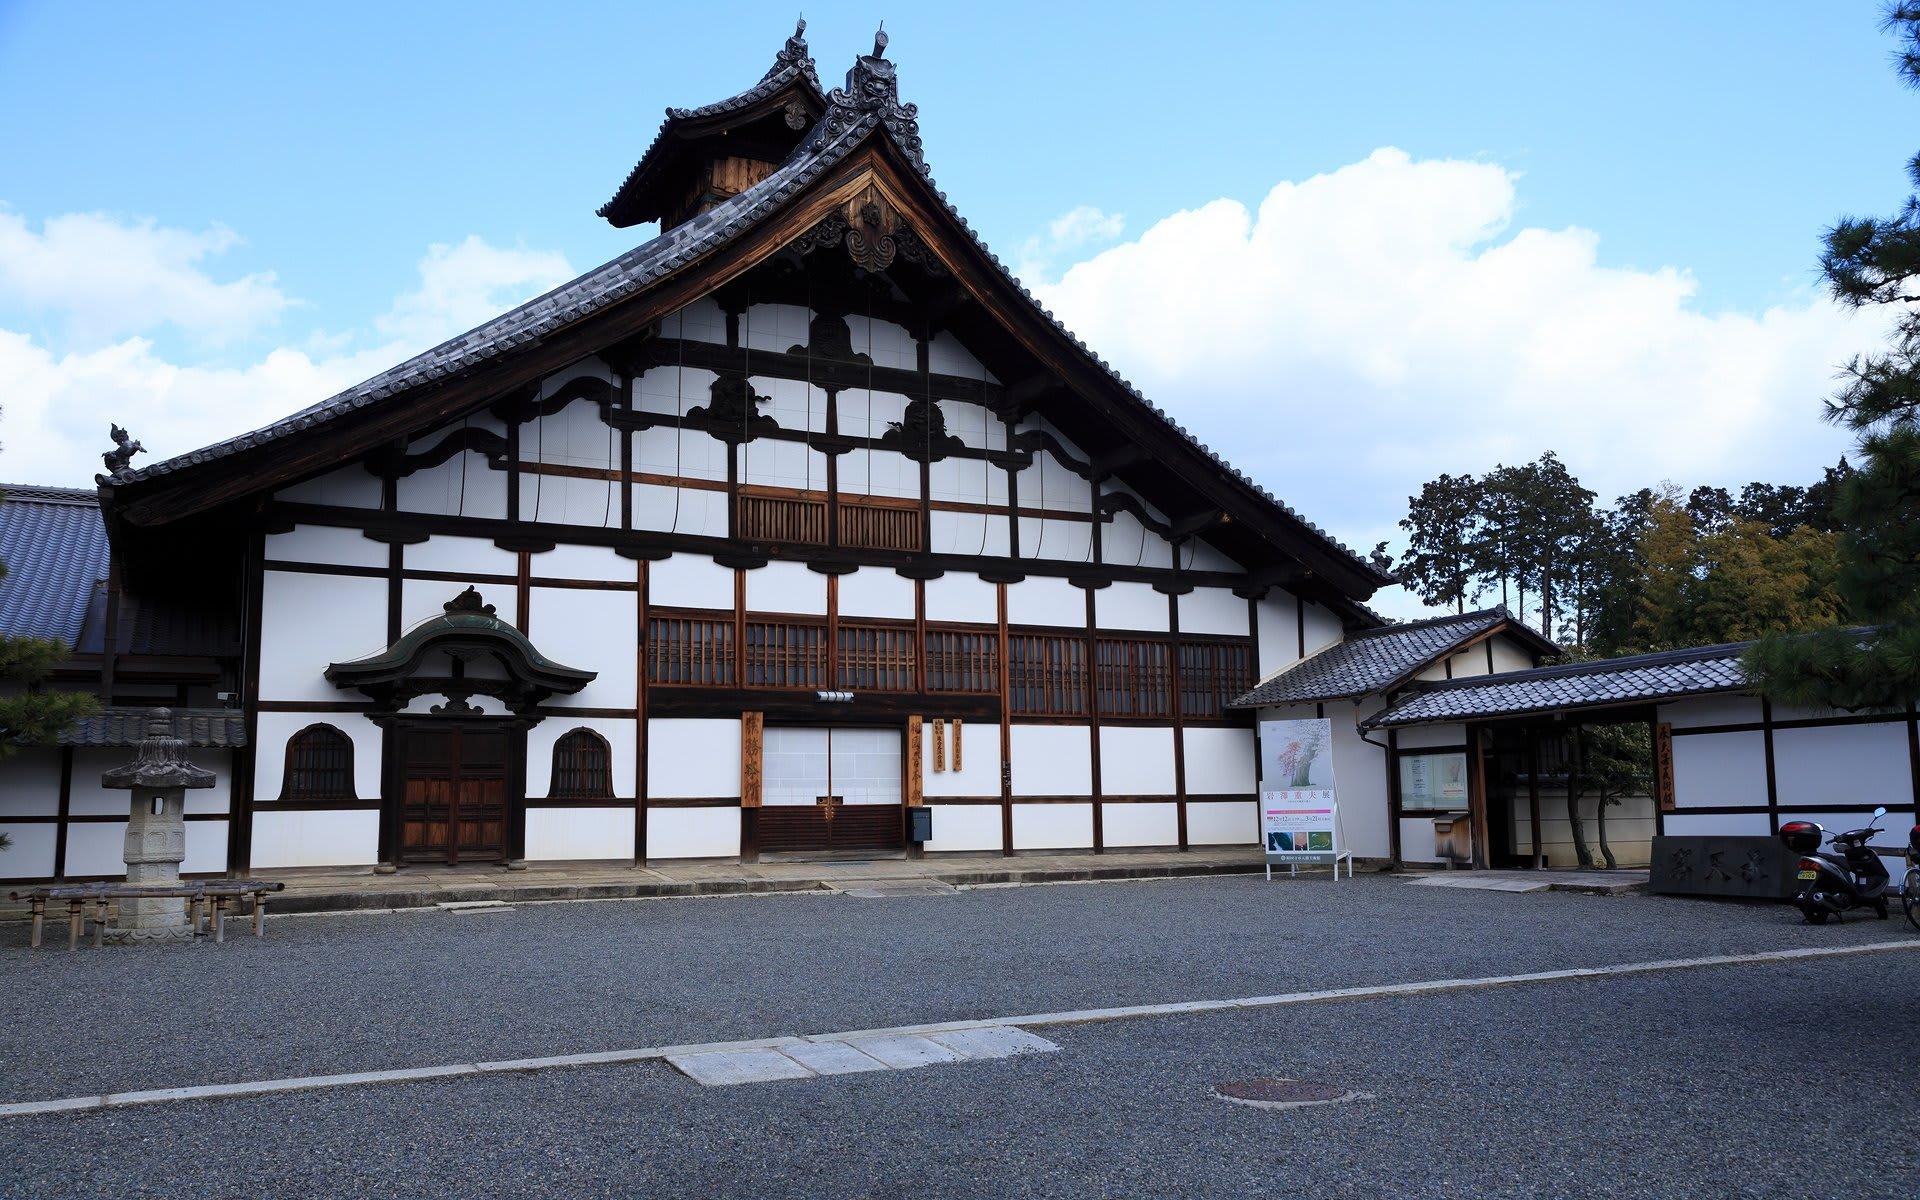 16年冬の京都 相国寺の壁紙その2 計19枚 壁紙 日々駄文